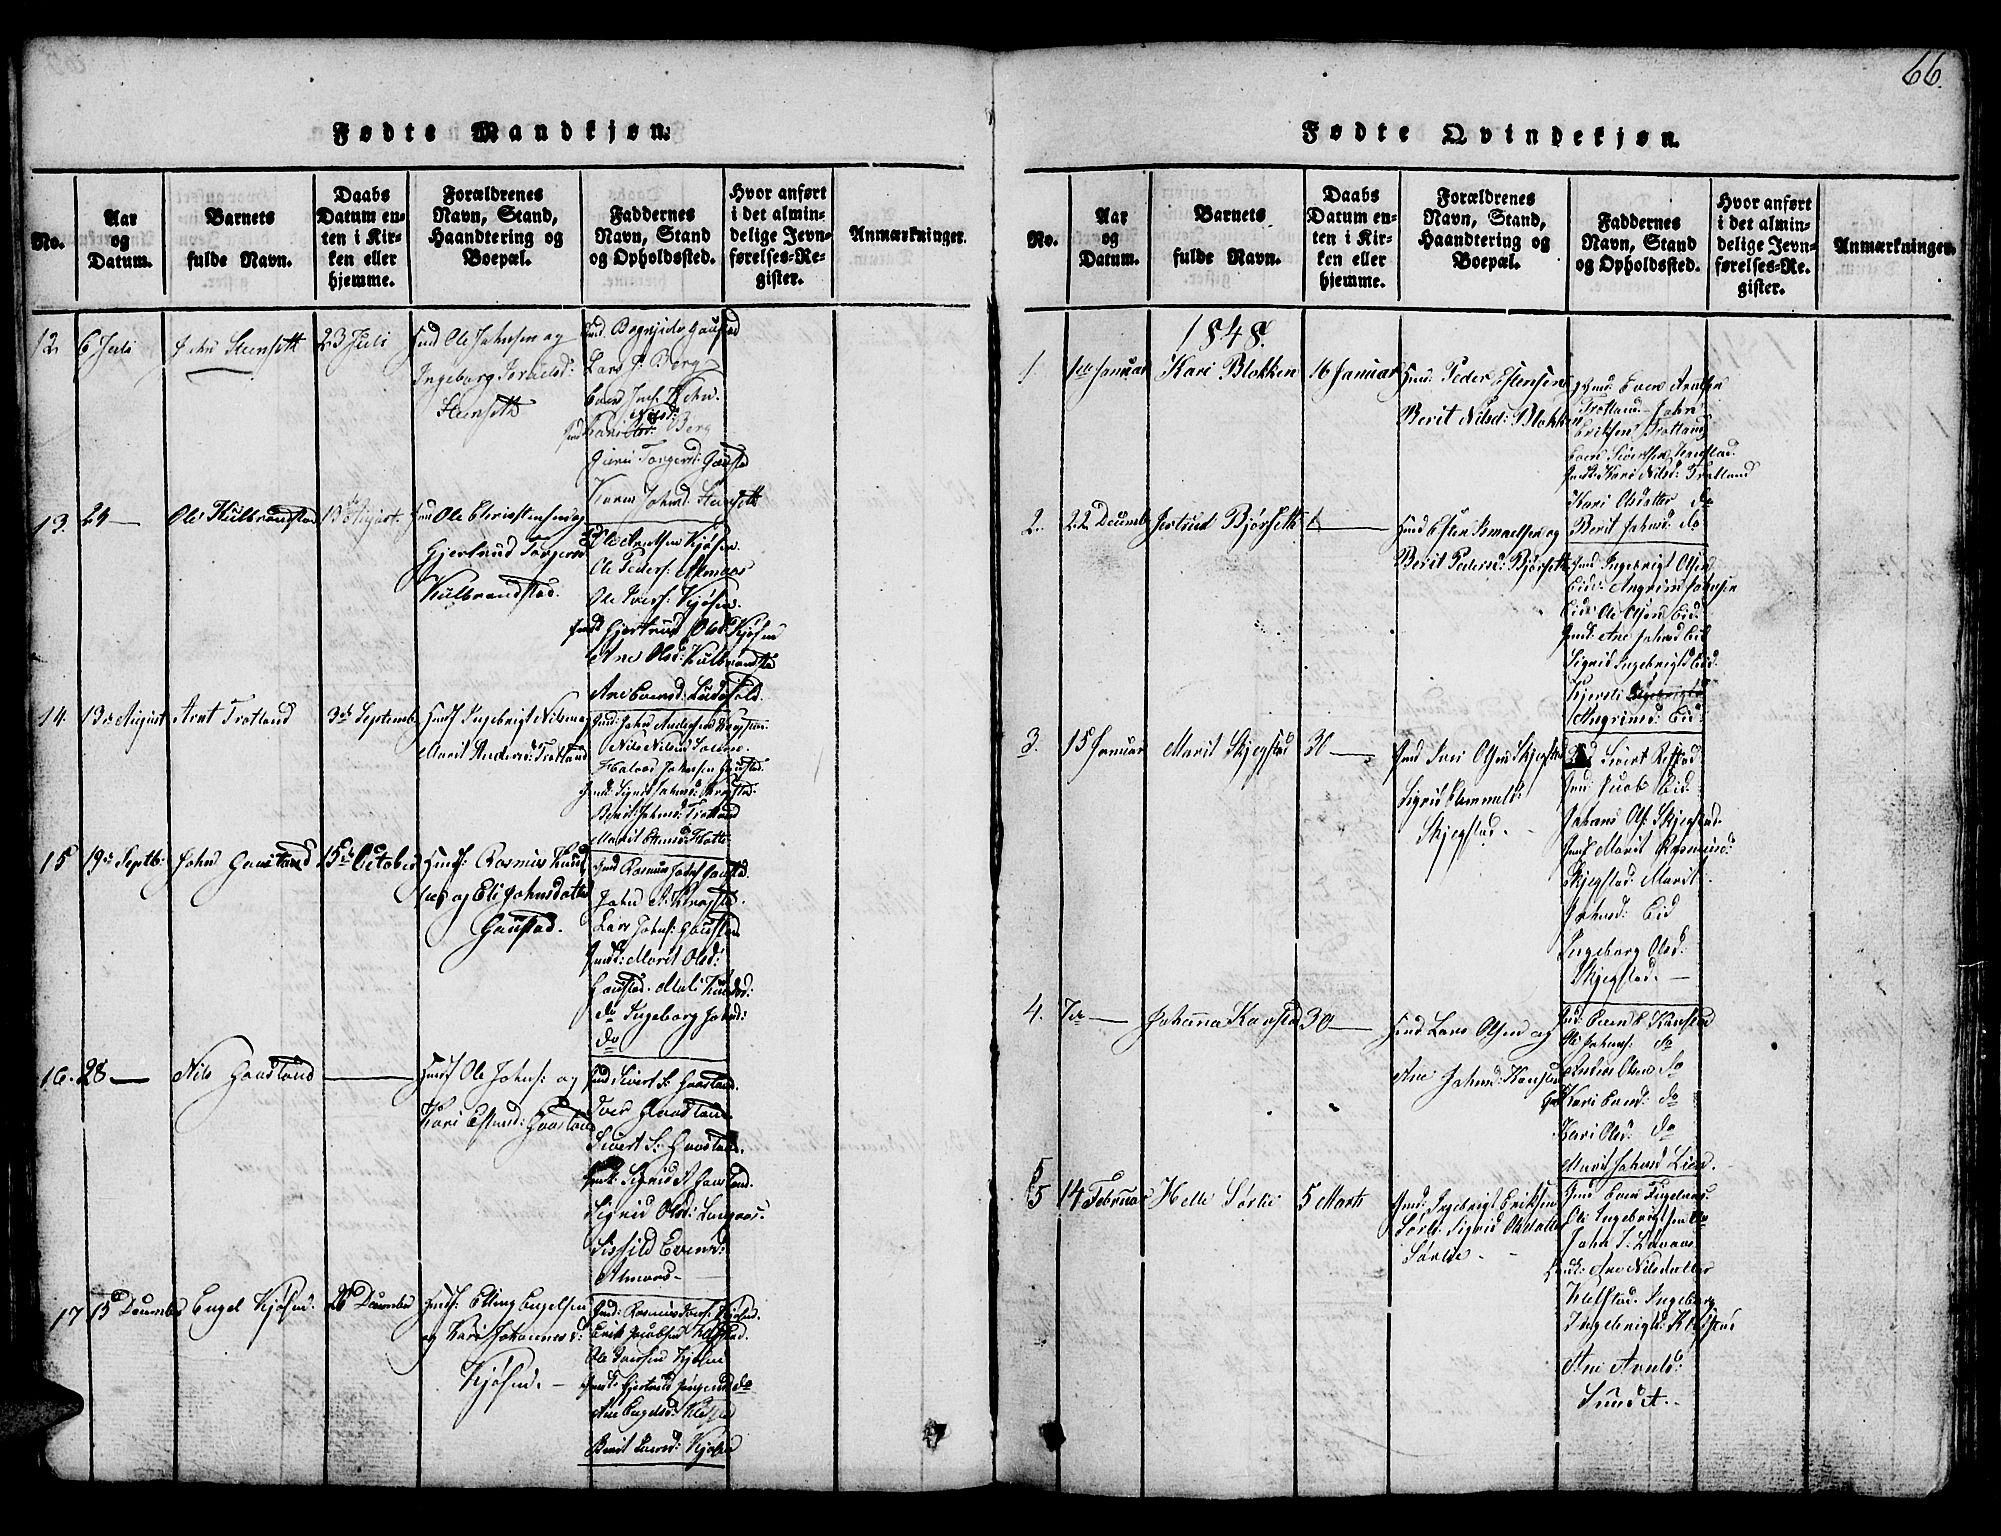 SAT, Ministerialprotokoller, klokkerbøker og fødselsregistre - Sør-Trøndelag, 694/L1130: Klokkerbok nr. 694C02, 1816-1857, s. 66